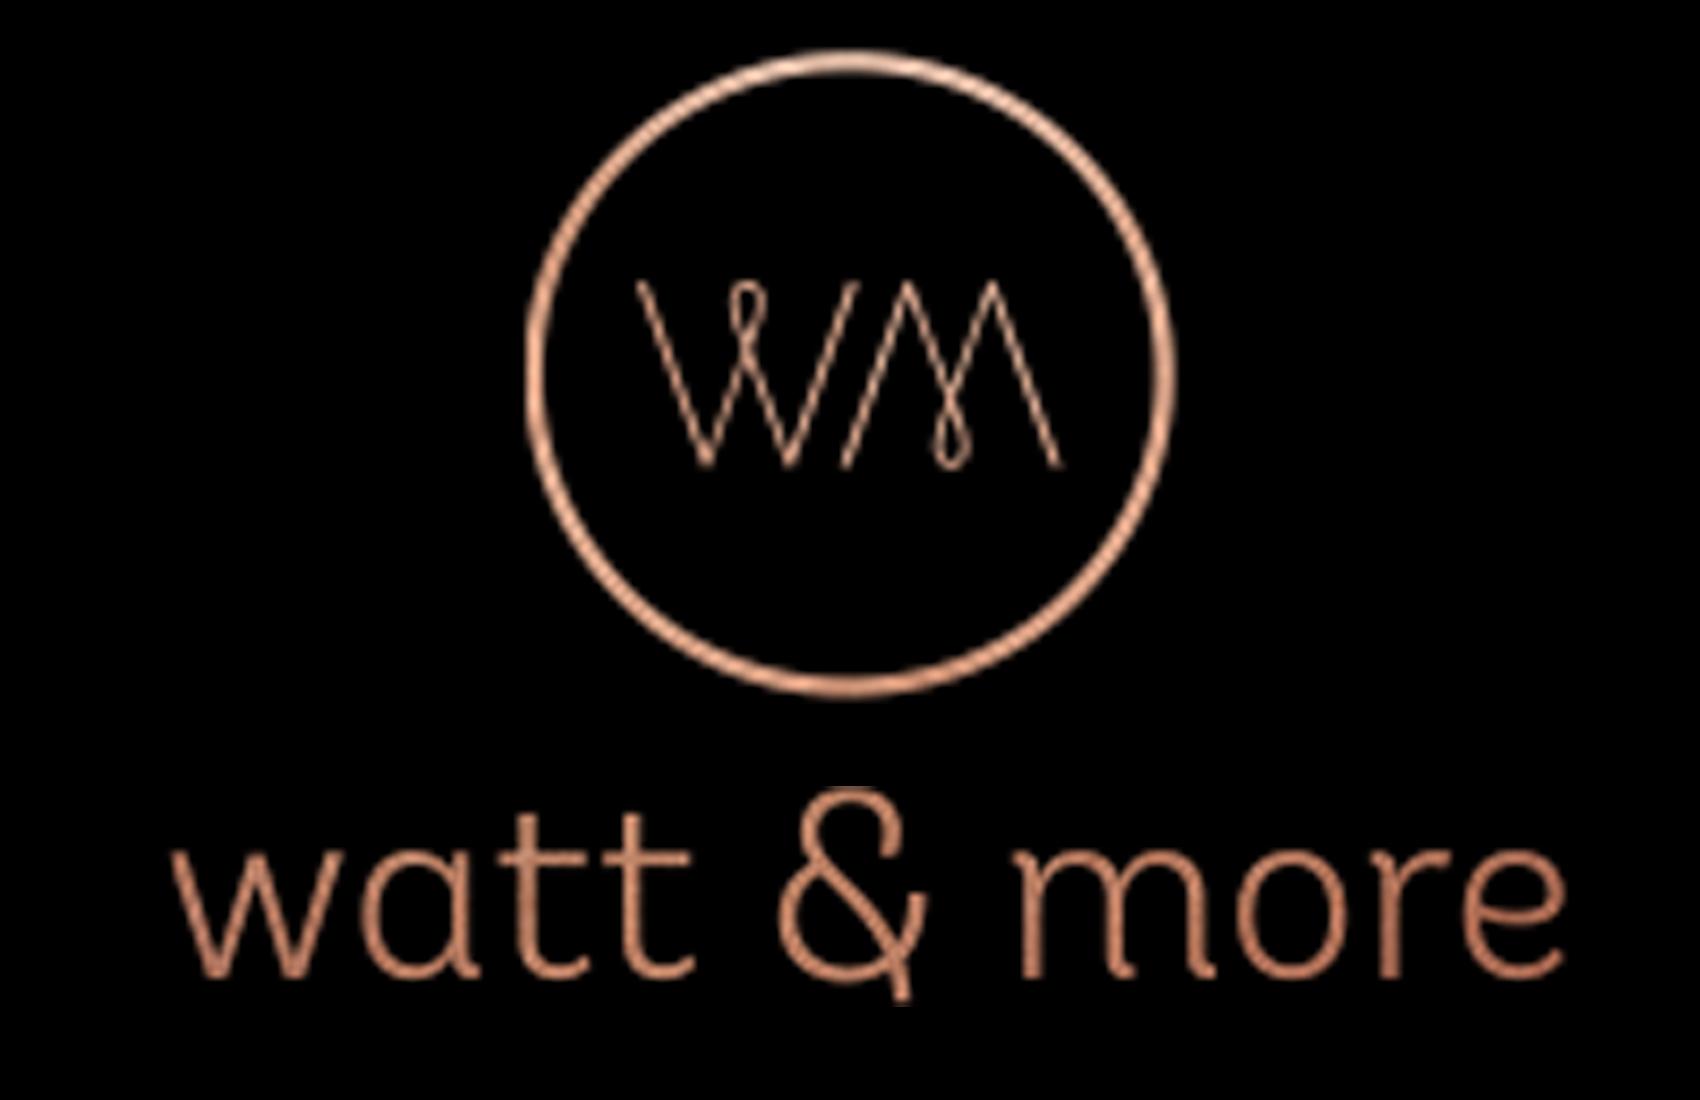 Watt & More